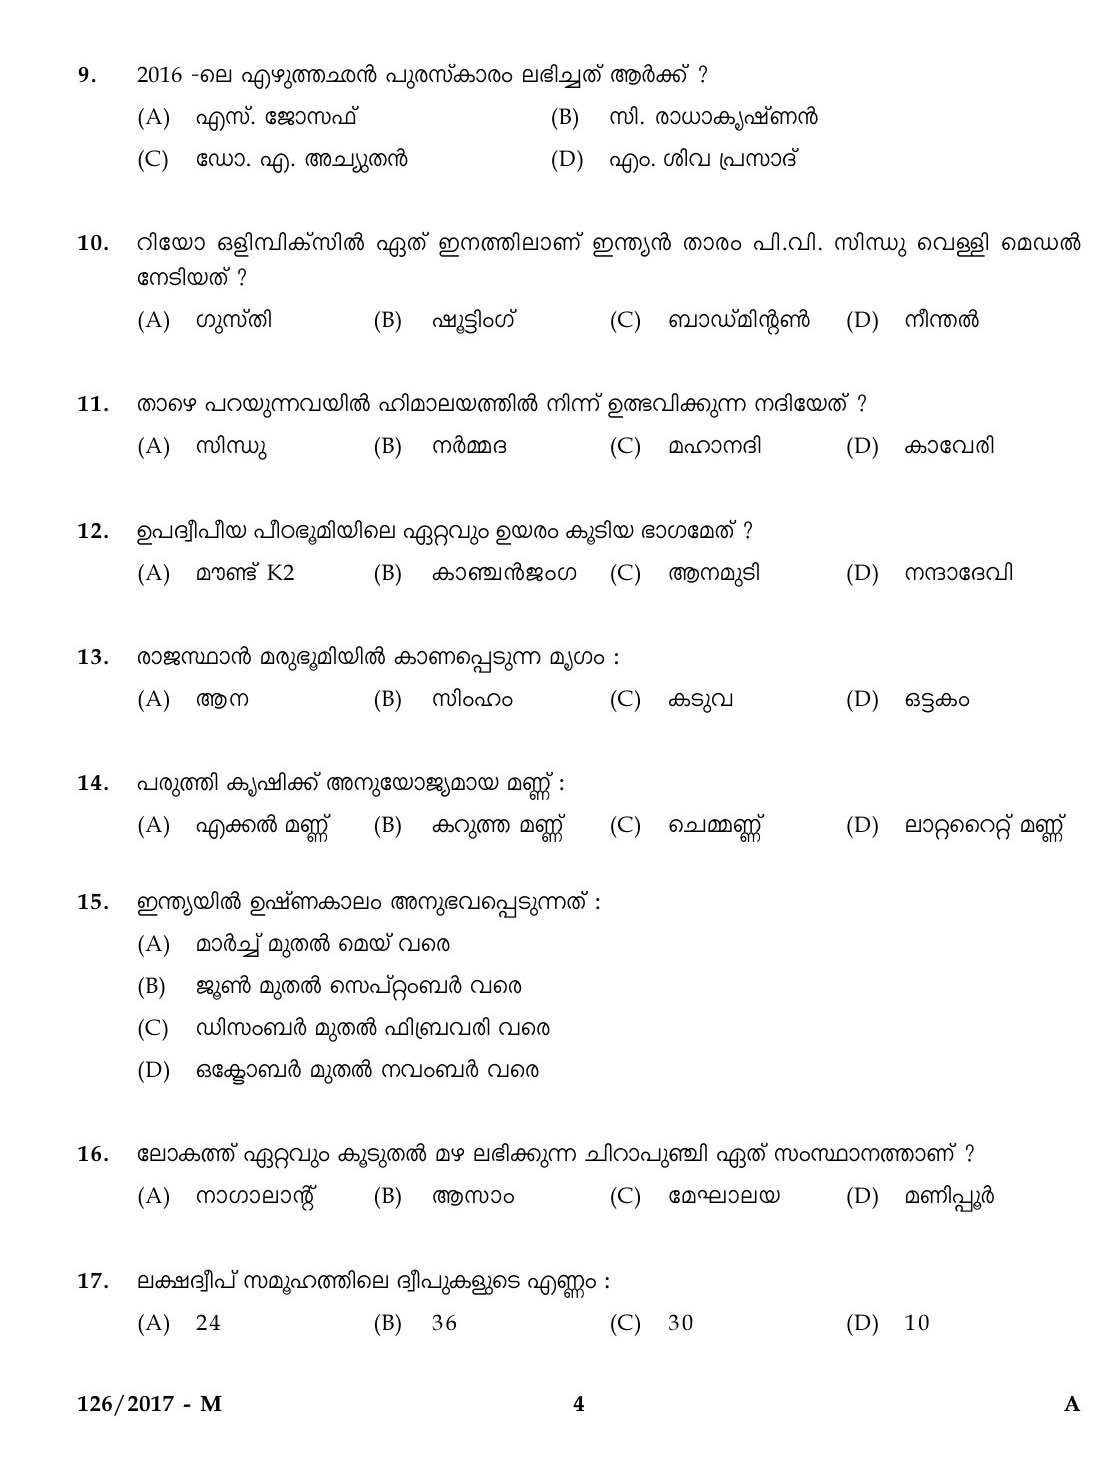 Kerala Last Grade Servants Exam 2017 Question Paper Code 1262017 M-Last  Grade Servants Exams